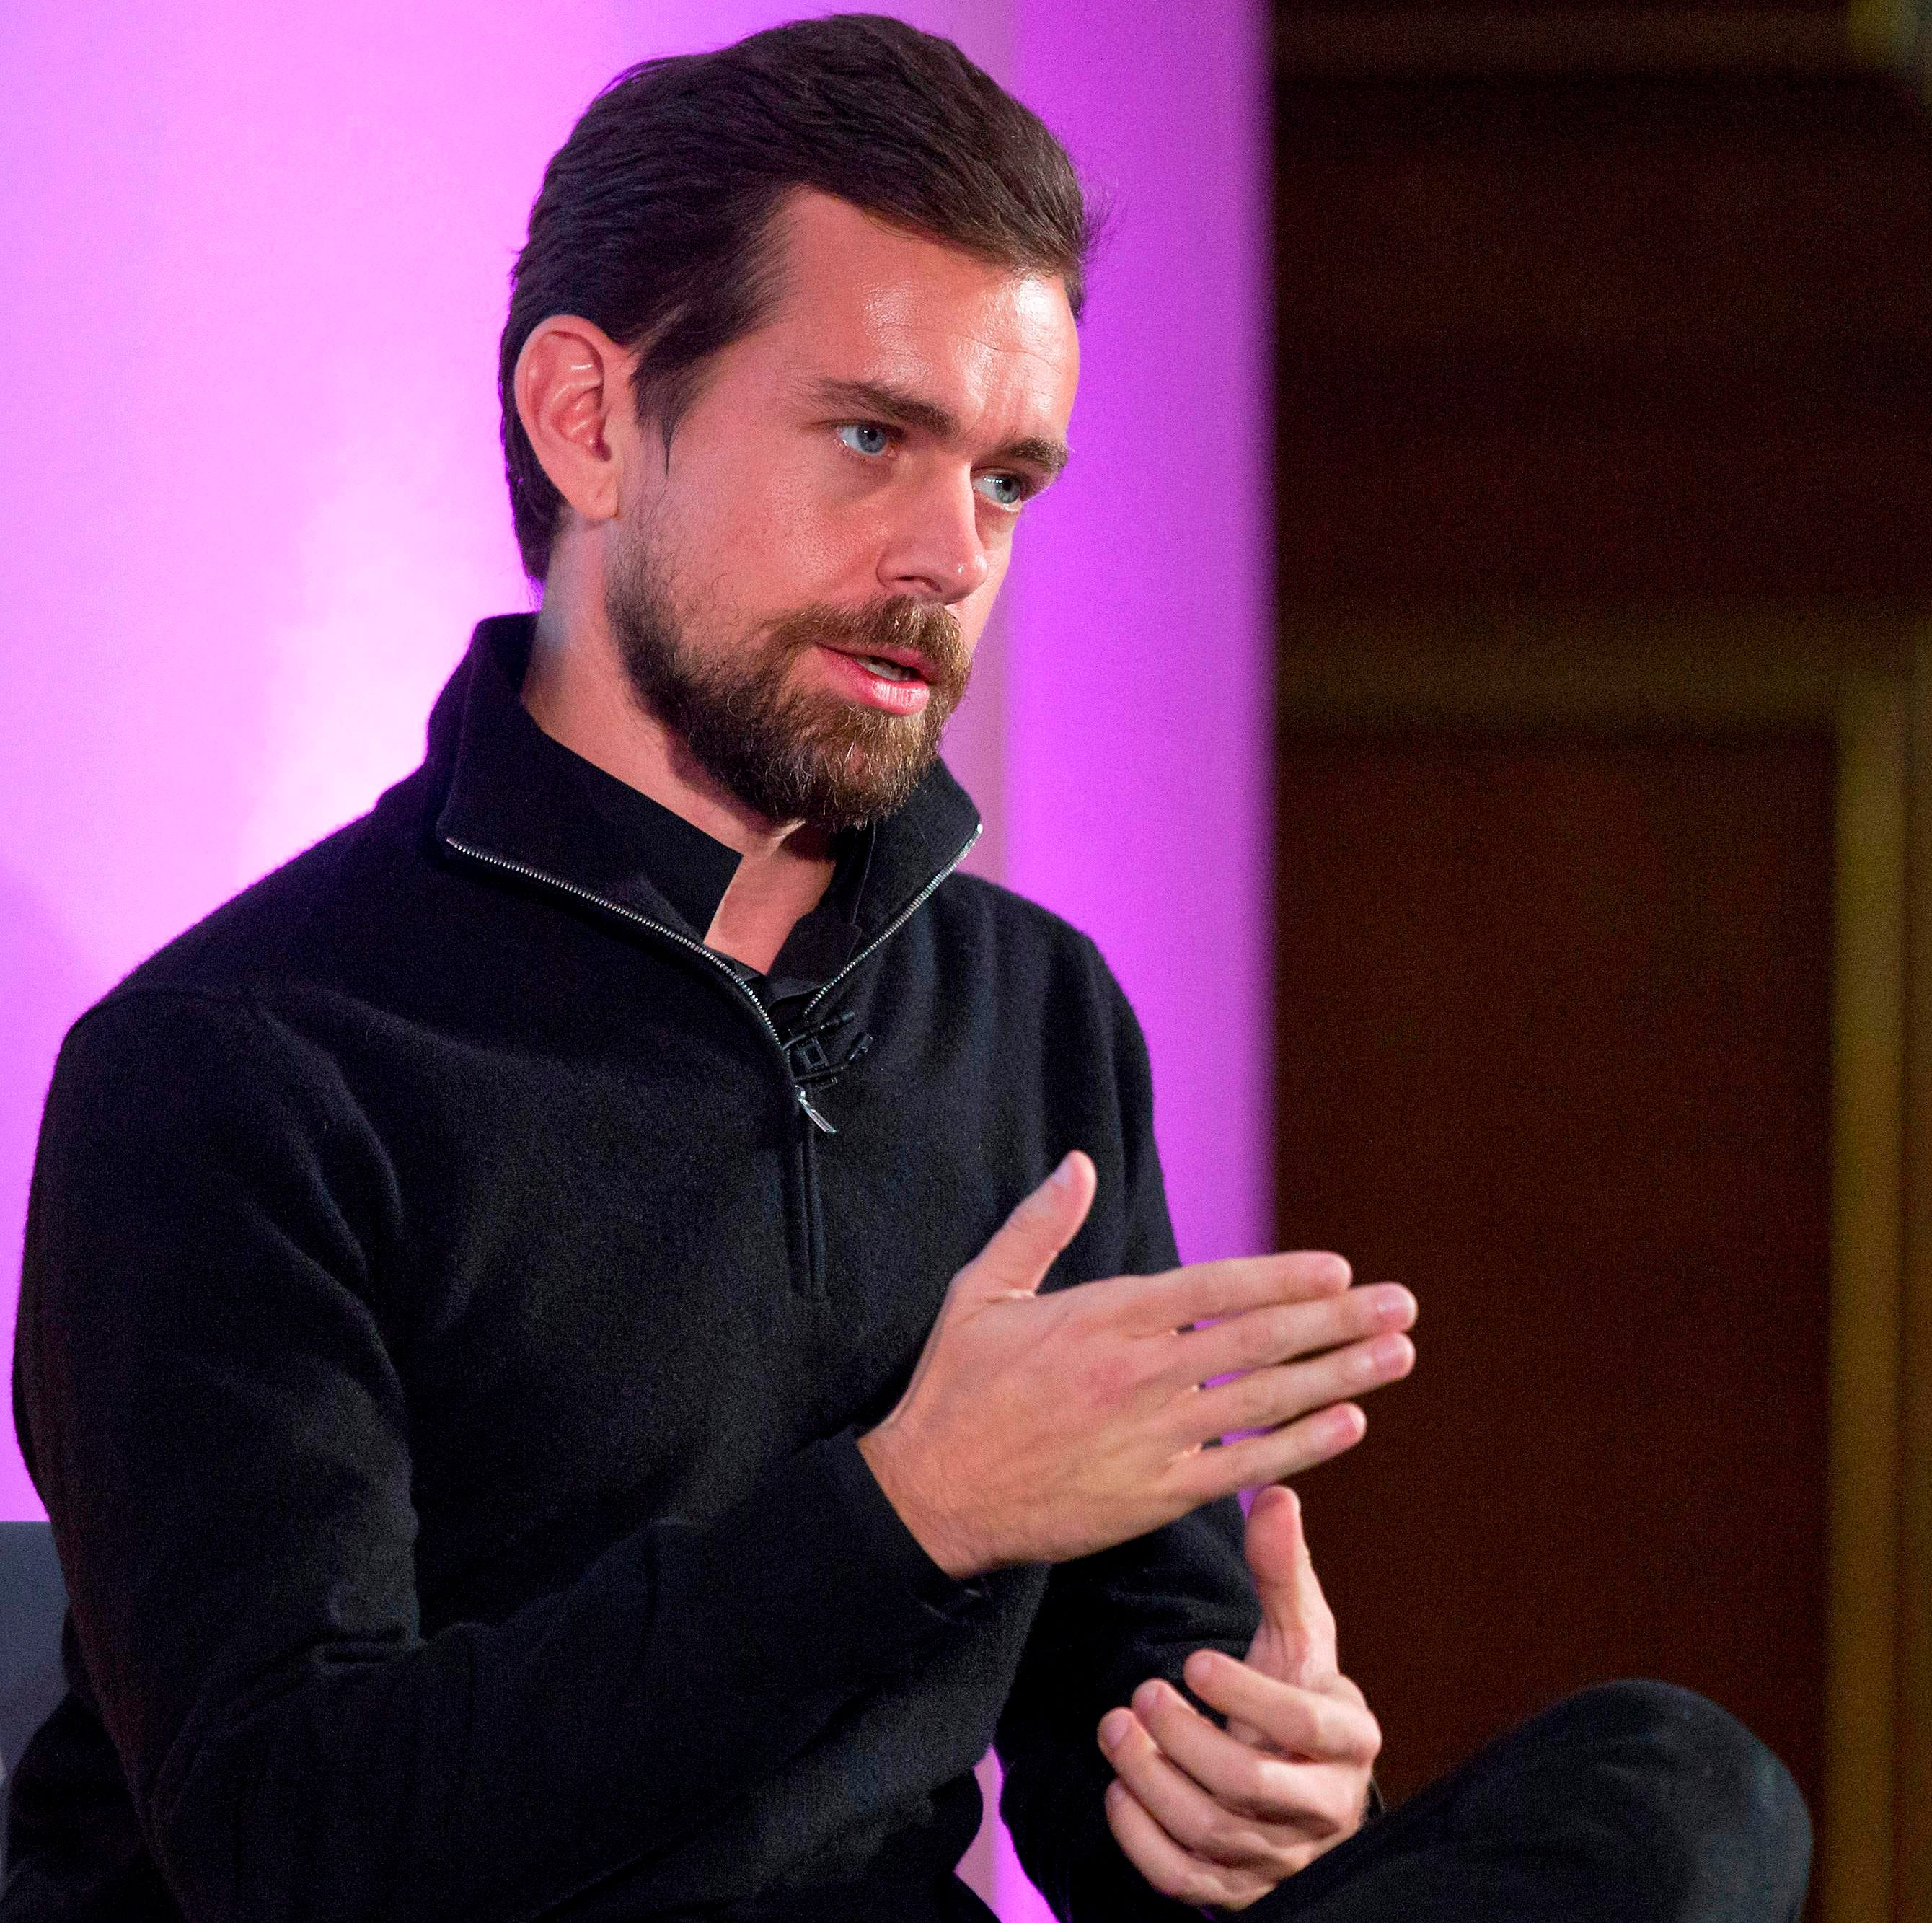 Twitter CEO Jack Dorsey defends decision not to ban Alex Jones, Infowars